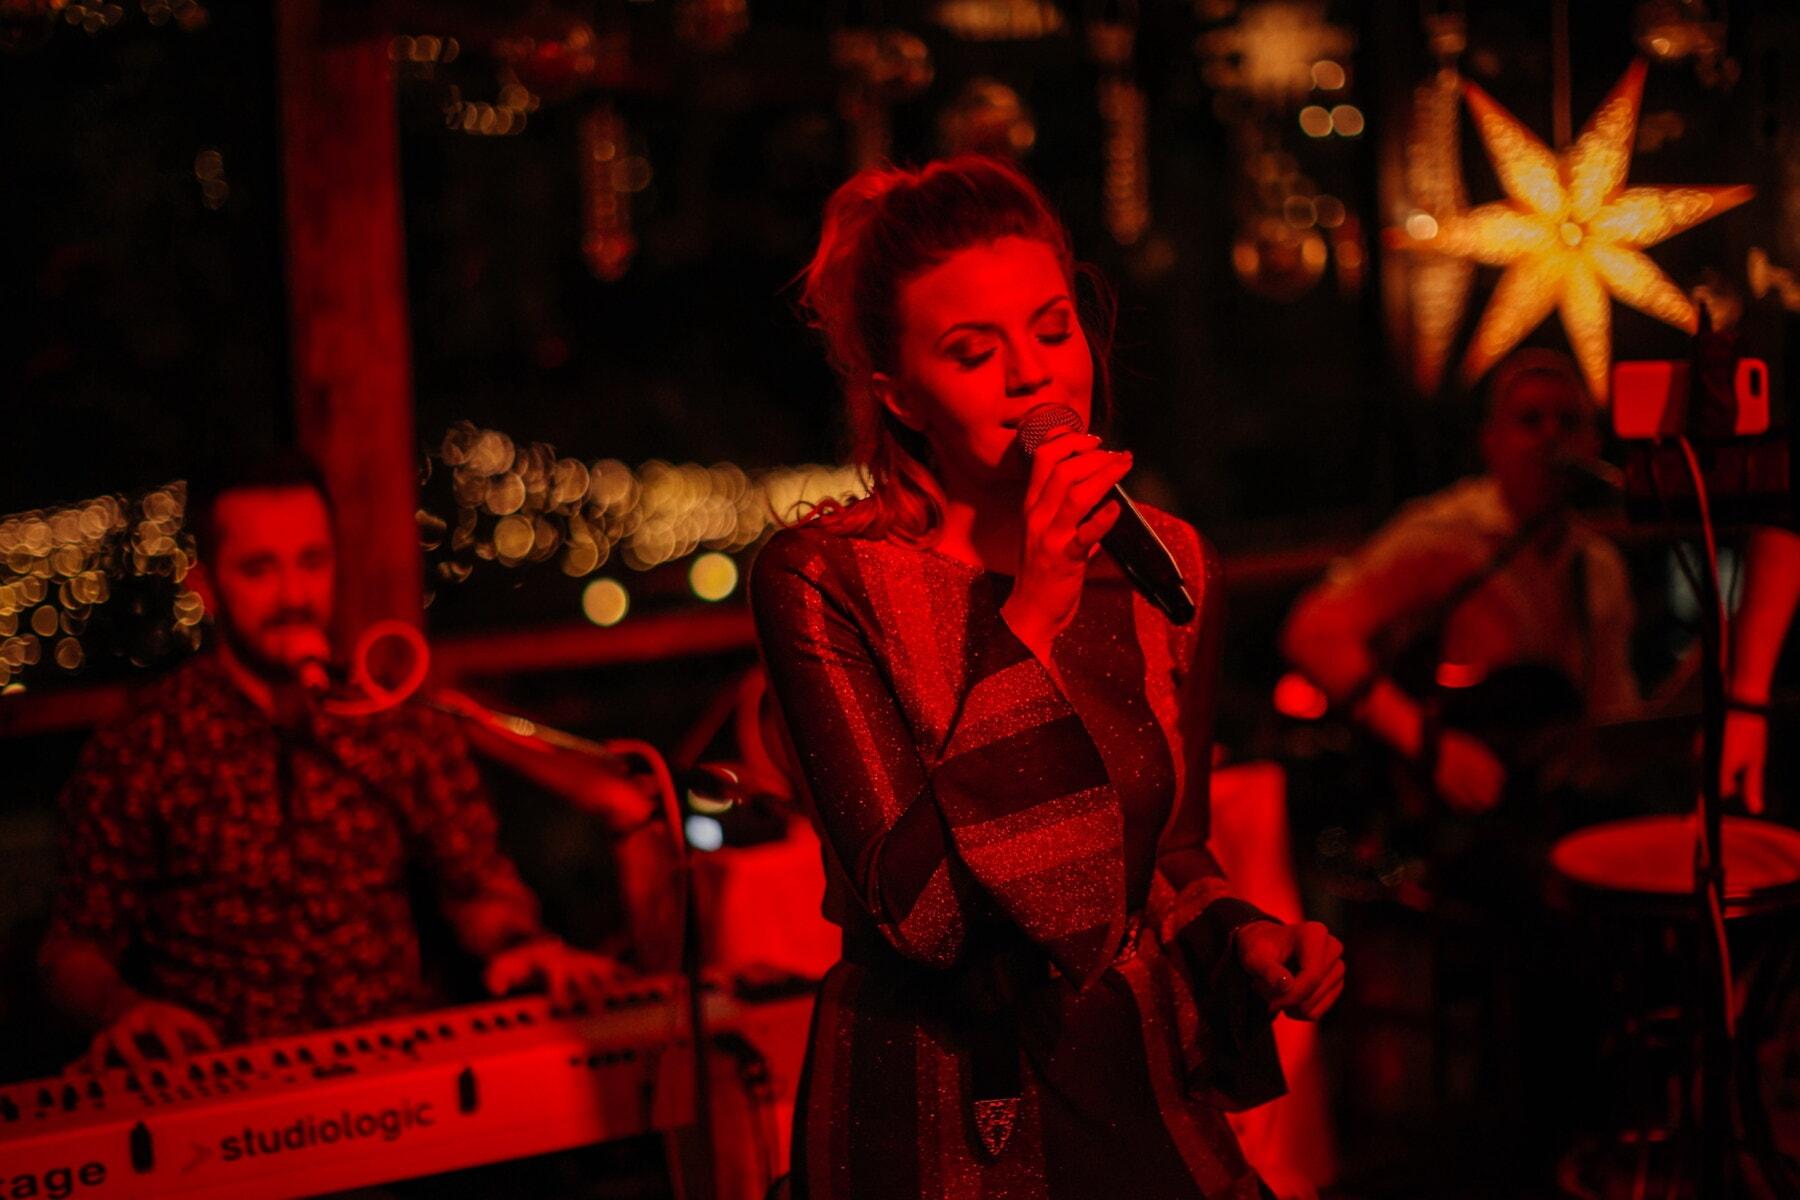 Sänger, singen, hübsches mädchen, Nachtclub, Nachtleben, Musik, Person, Performer, Menschen, Performance